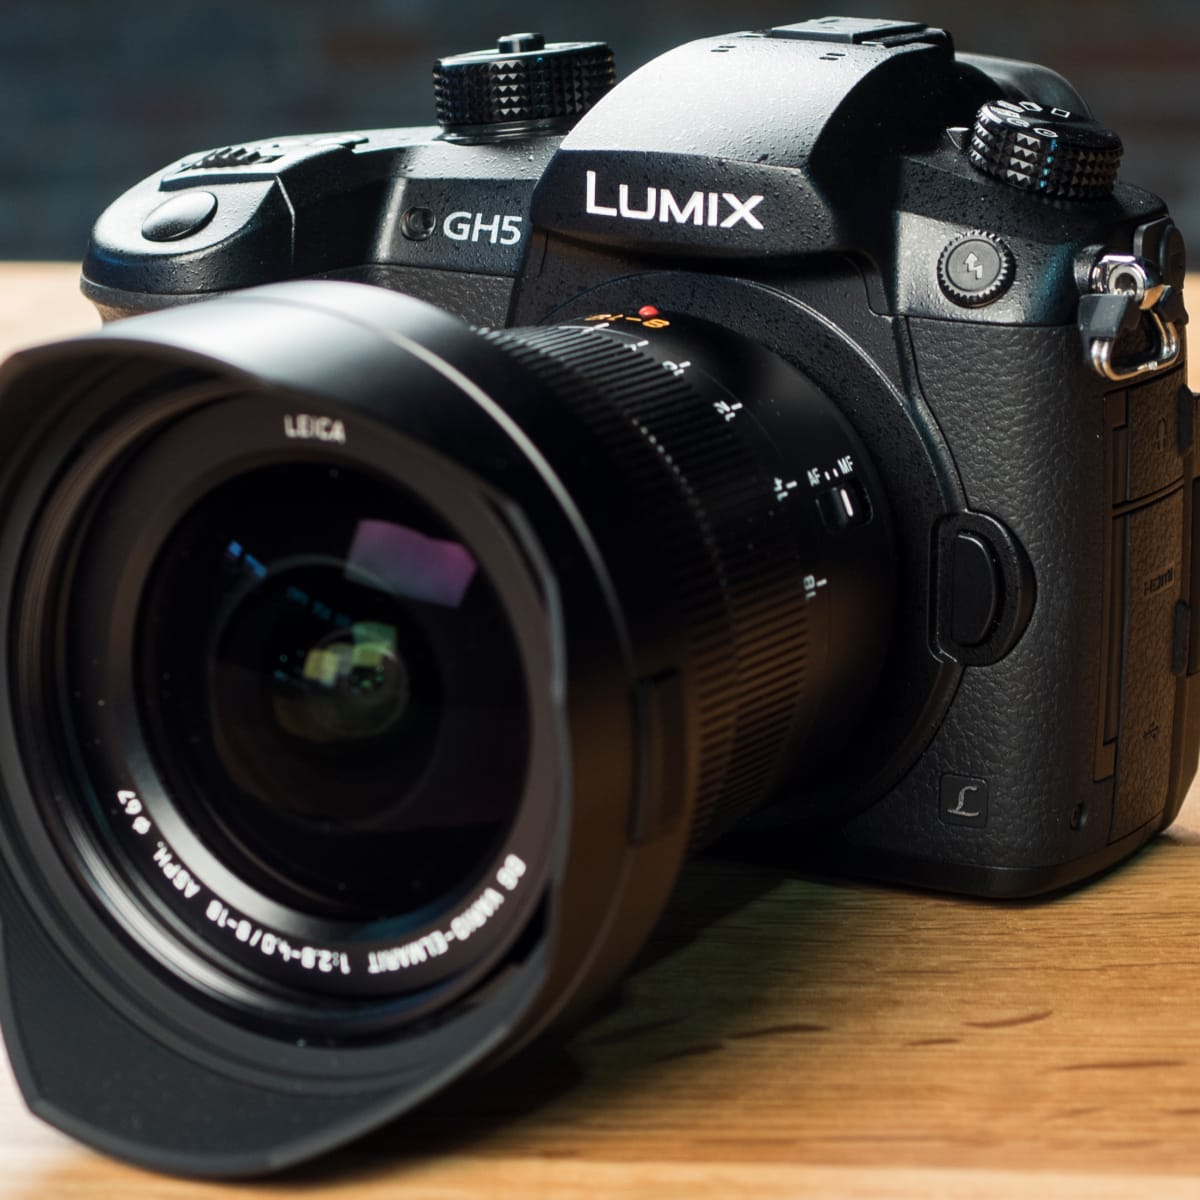 Panasonic Lumix DC-GH5 Digital Camera Review - Reviewed Cameras